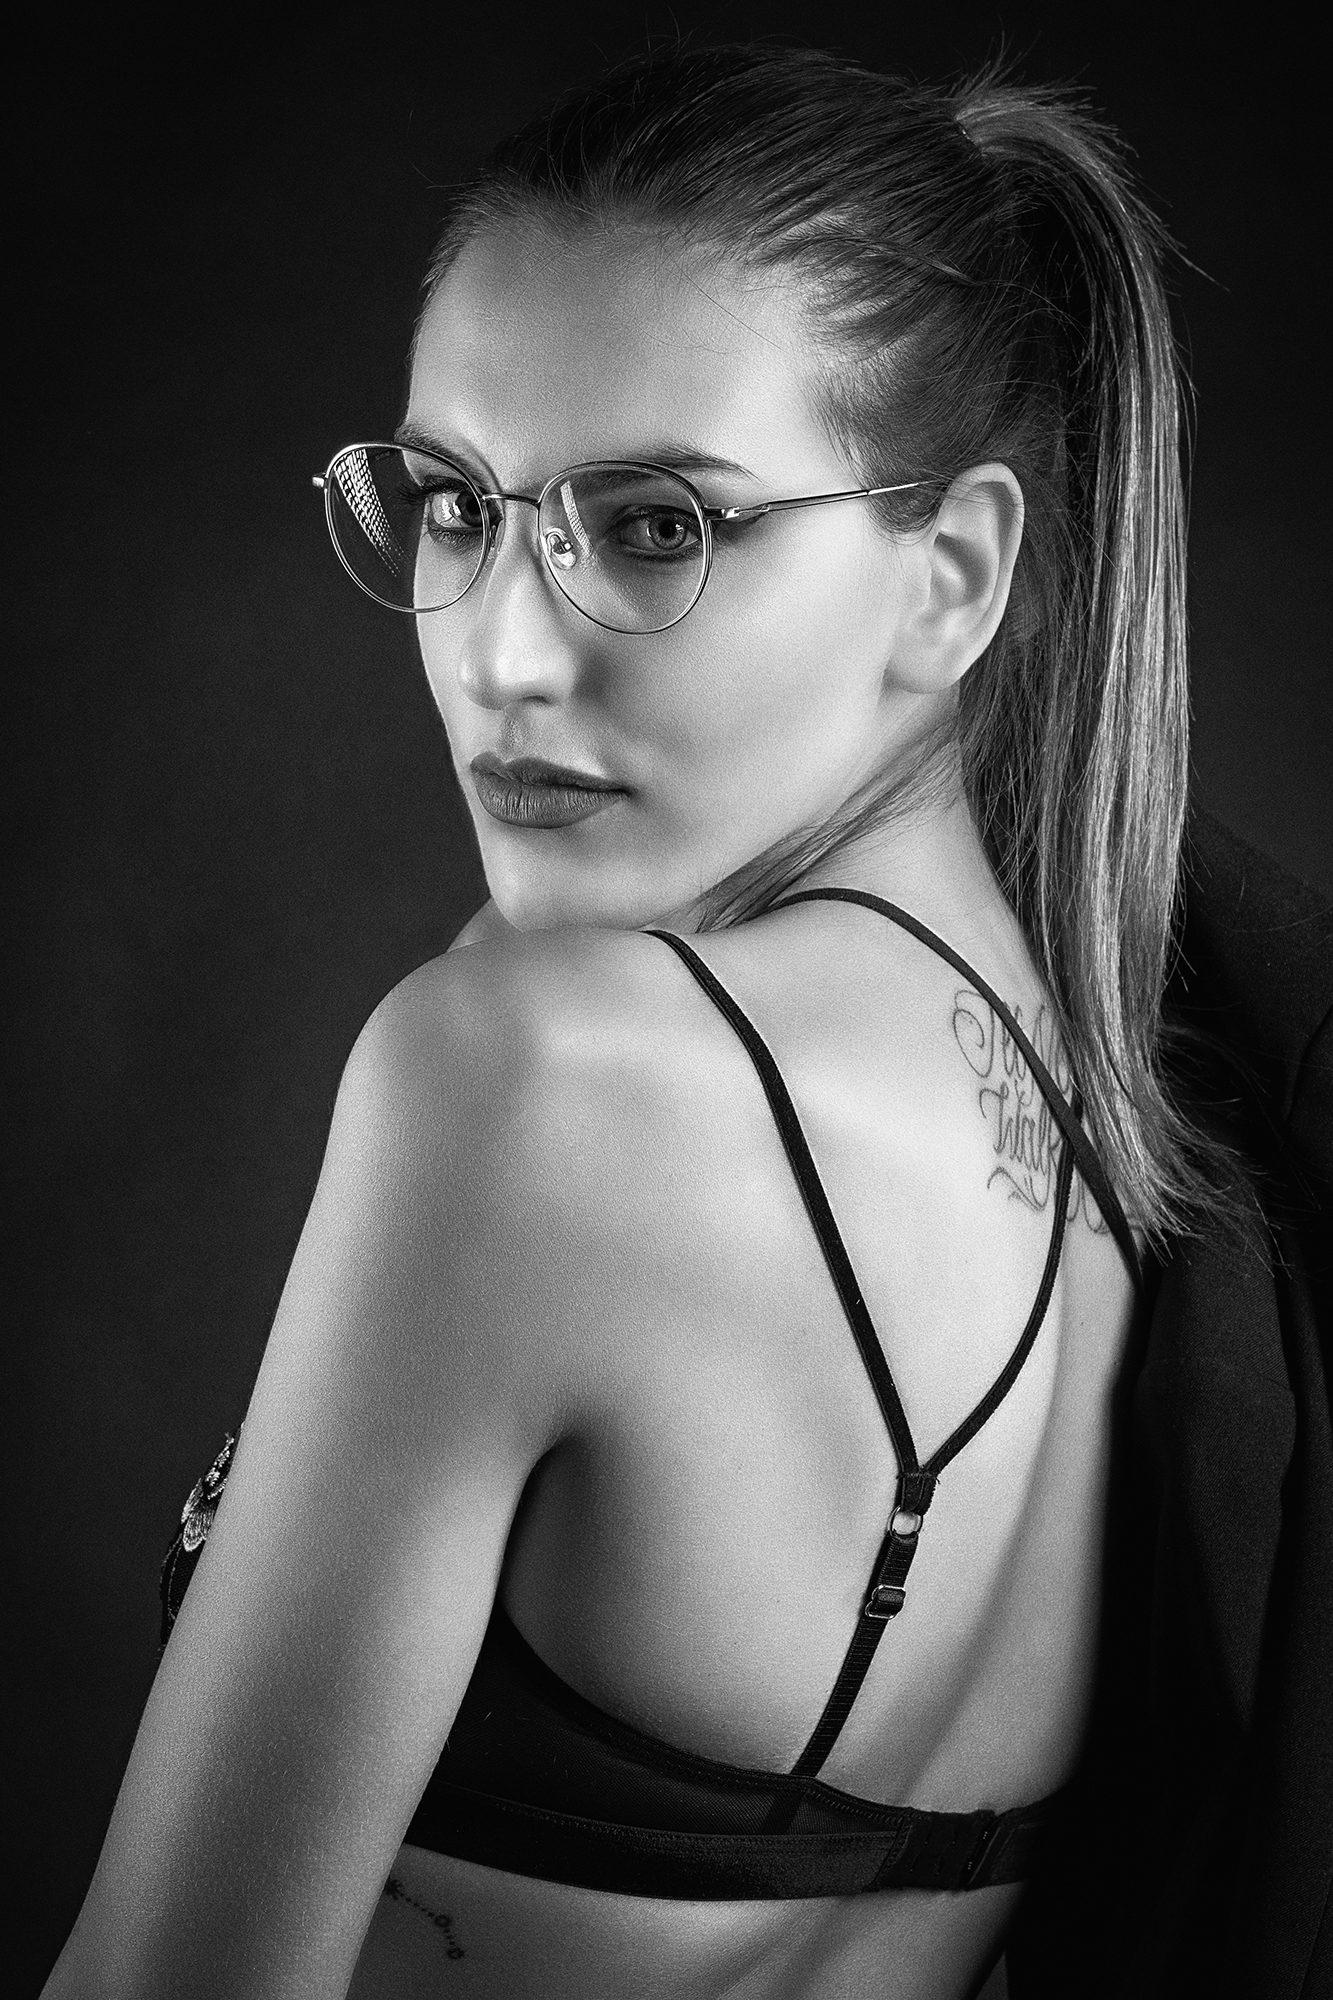 VENUS Gallery - Mariella Mesiti Photography